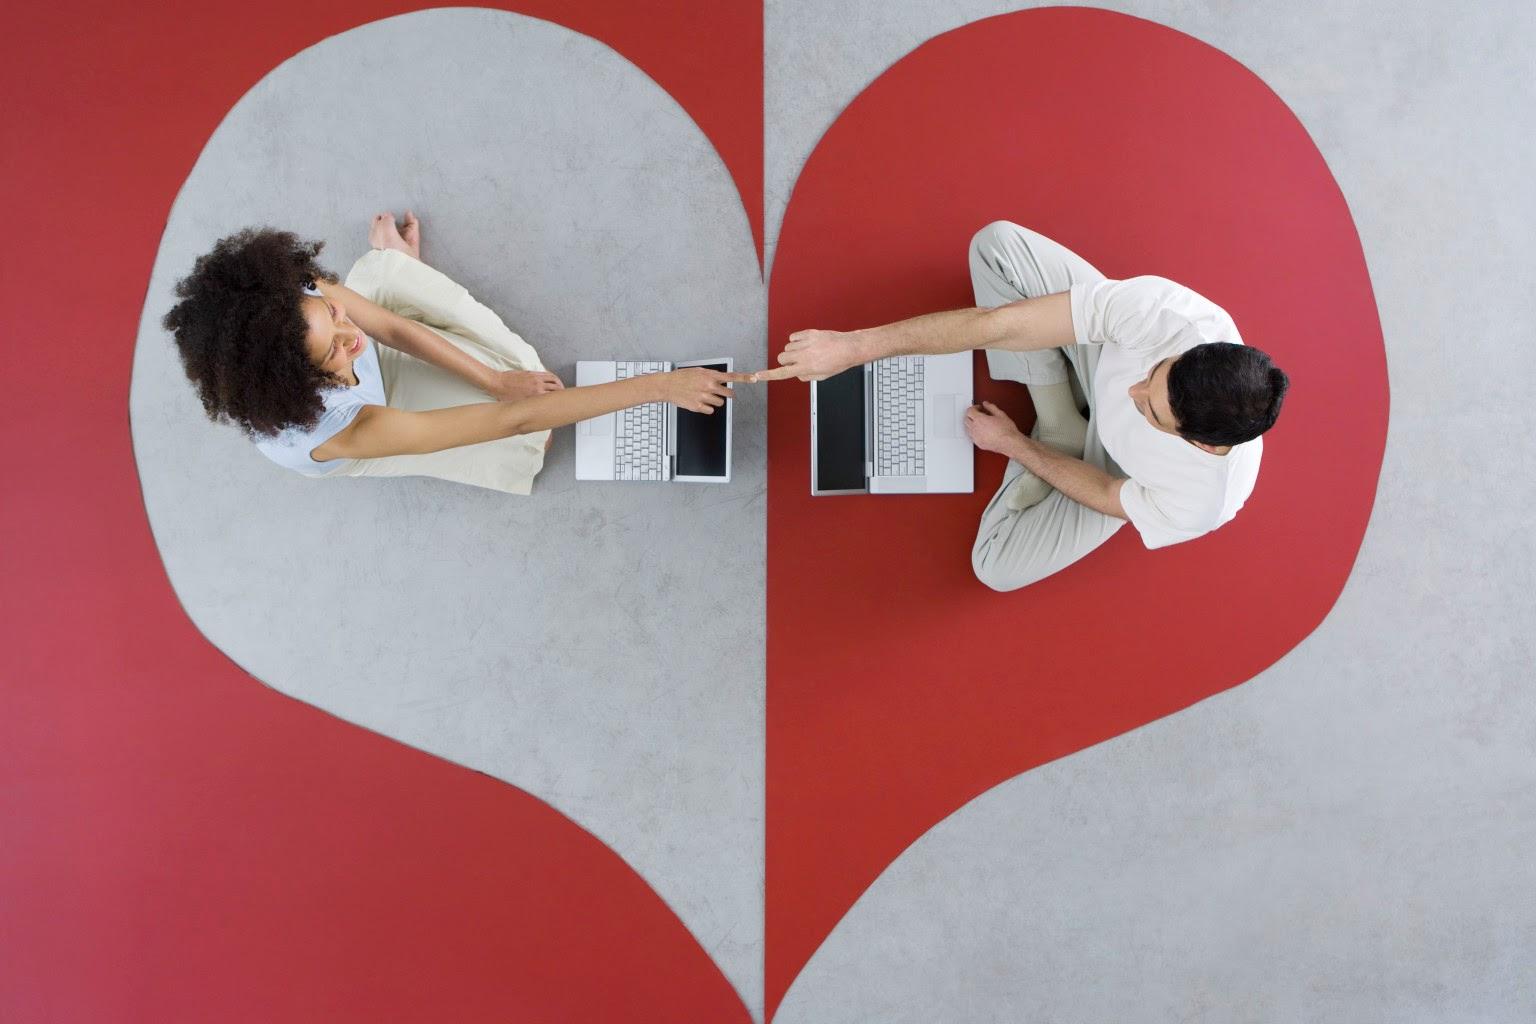 Чем сайты знакомств лучше социальных сетей